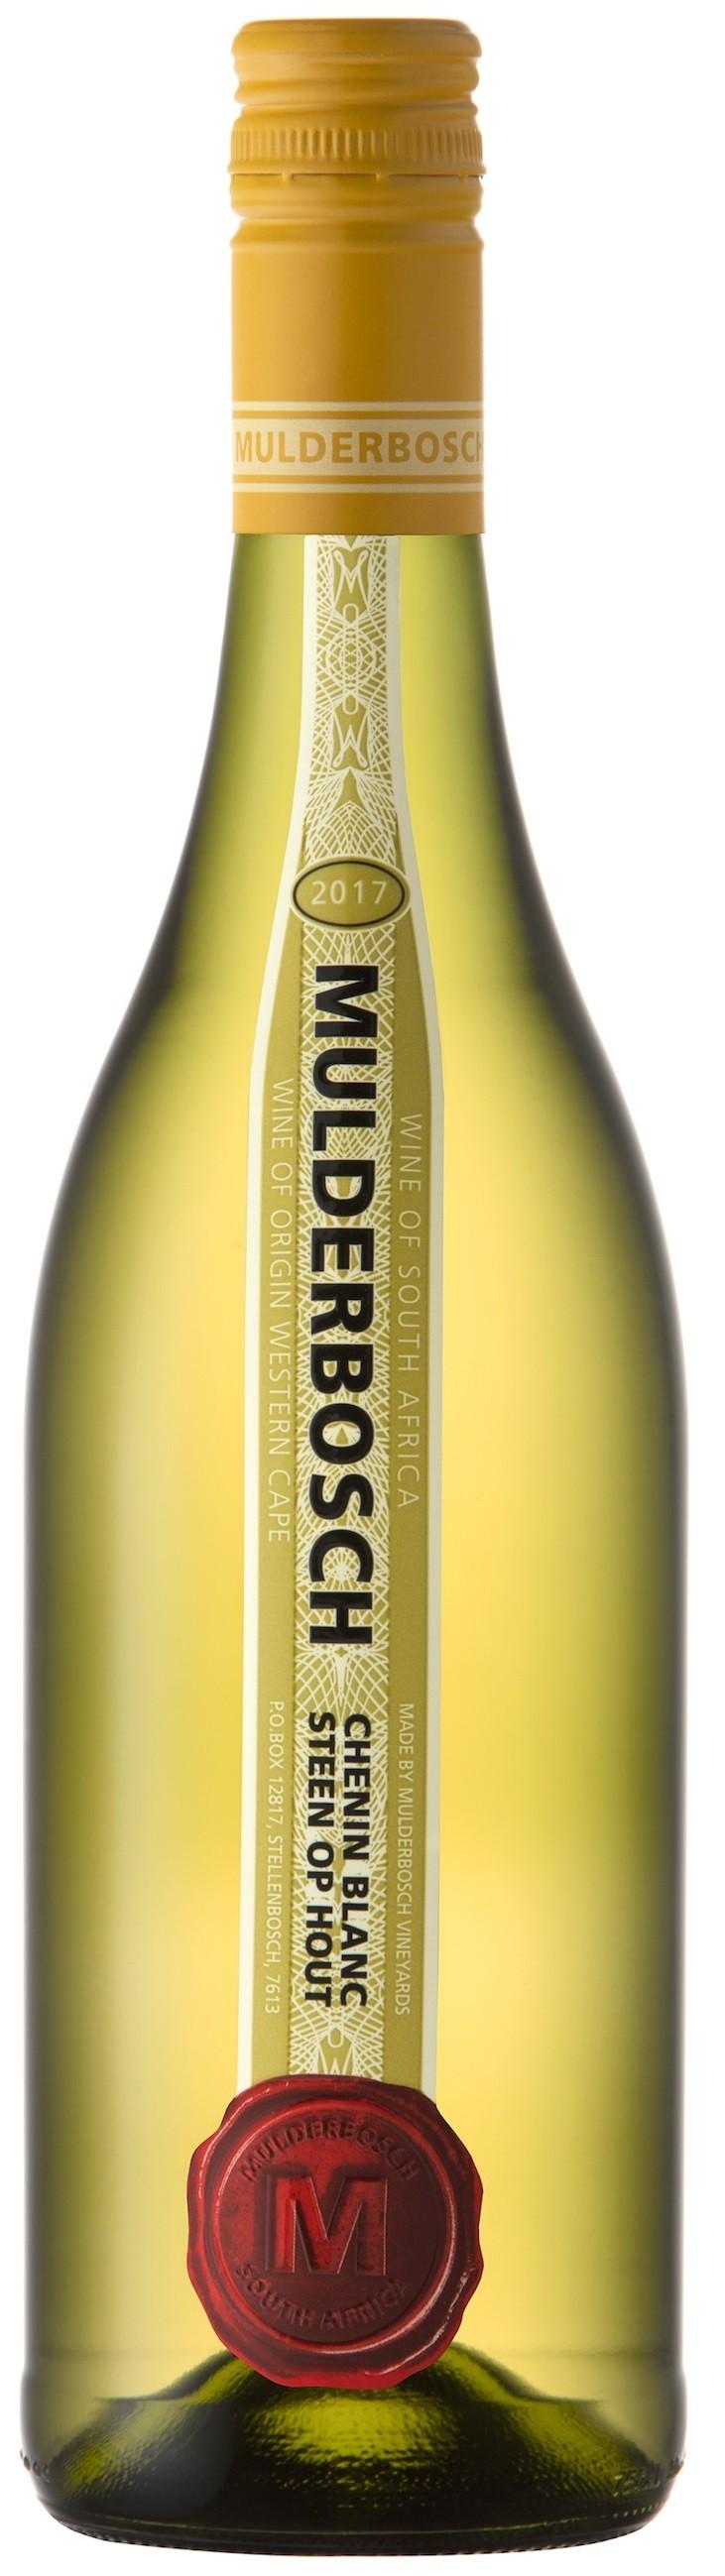 Mulderboscch 'Steen op Hout' Chenin Blanc